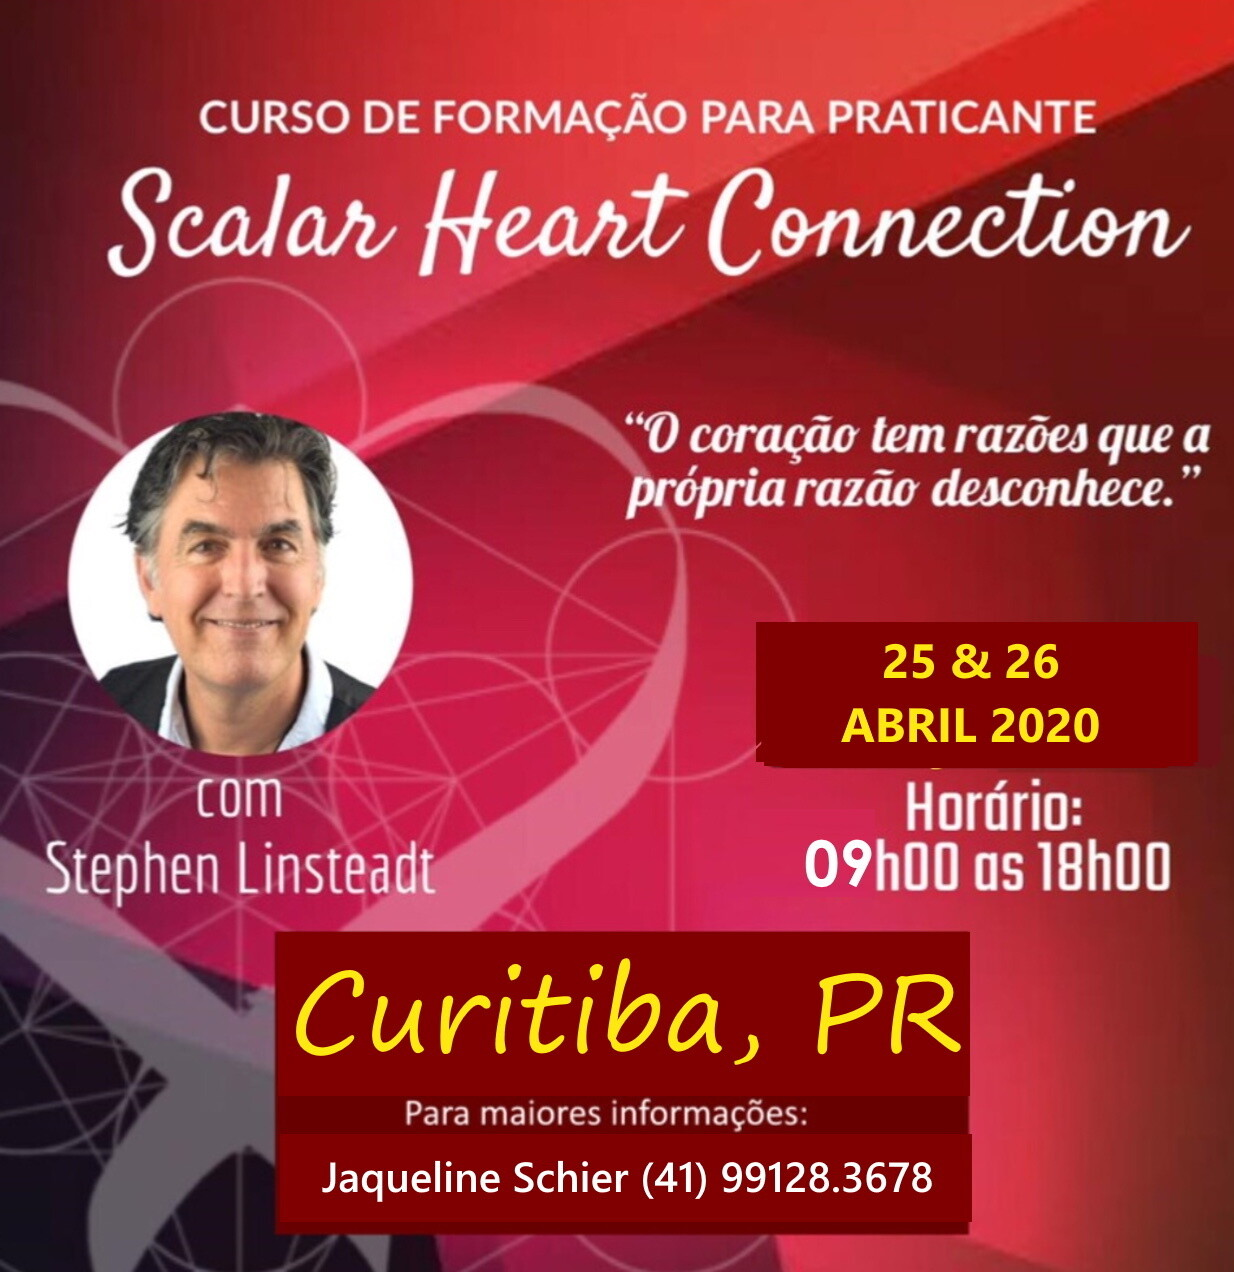 Curso de Formação de Praticante de Scalar Heart Connection -  Curitiba, PR Evento adiado para nova data durante o segundo semestre de 2020.